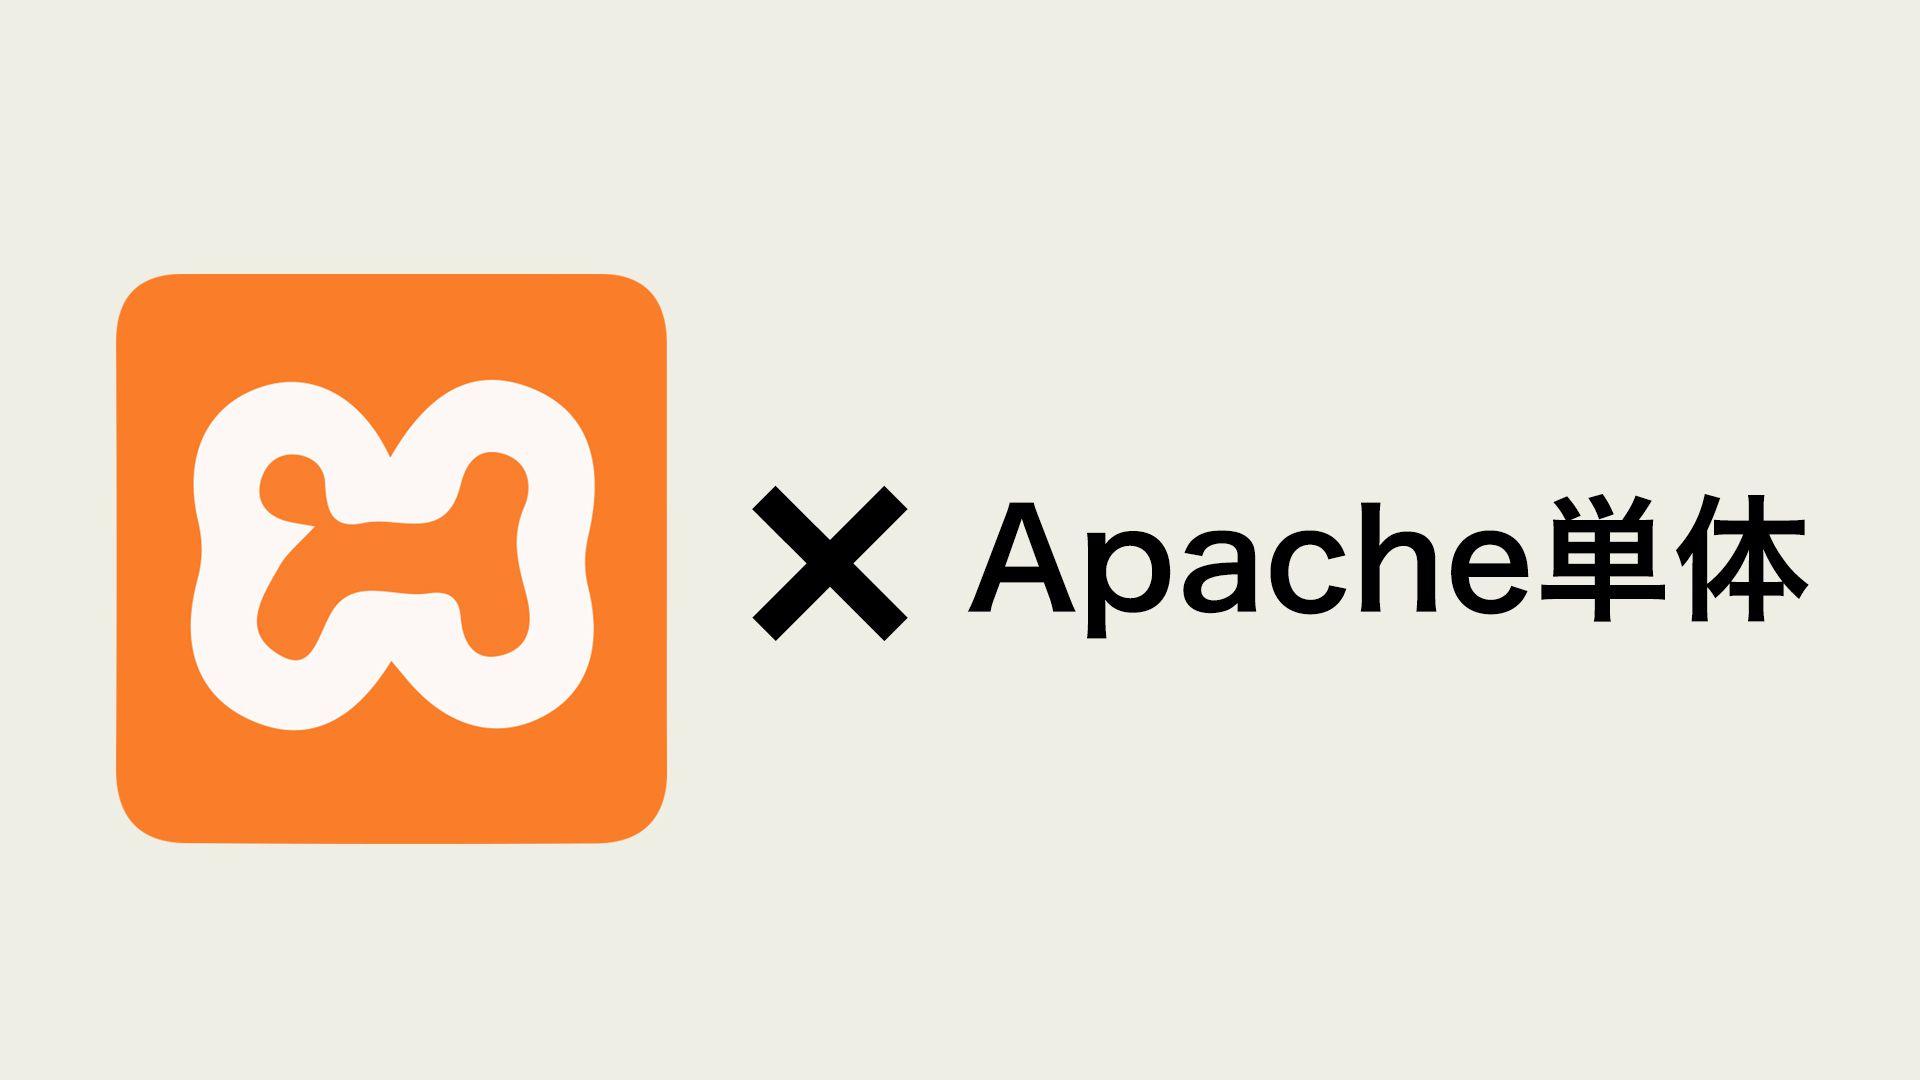 XAMPPとApacheを別々にインストールすることについて